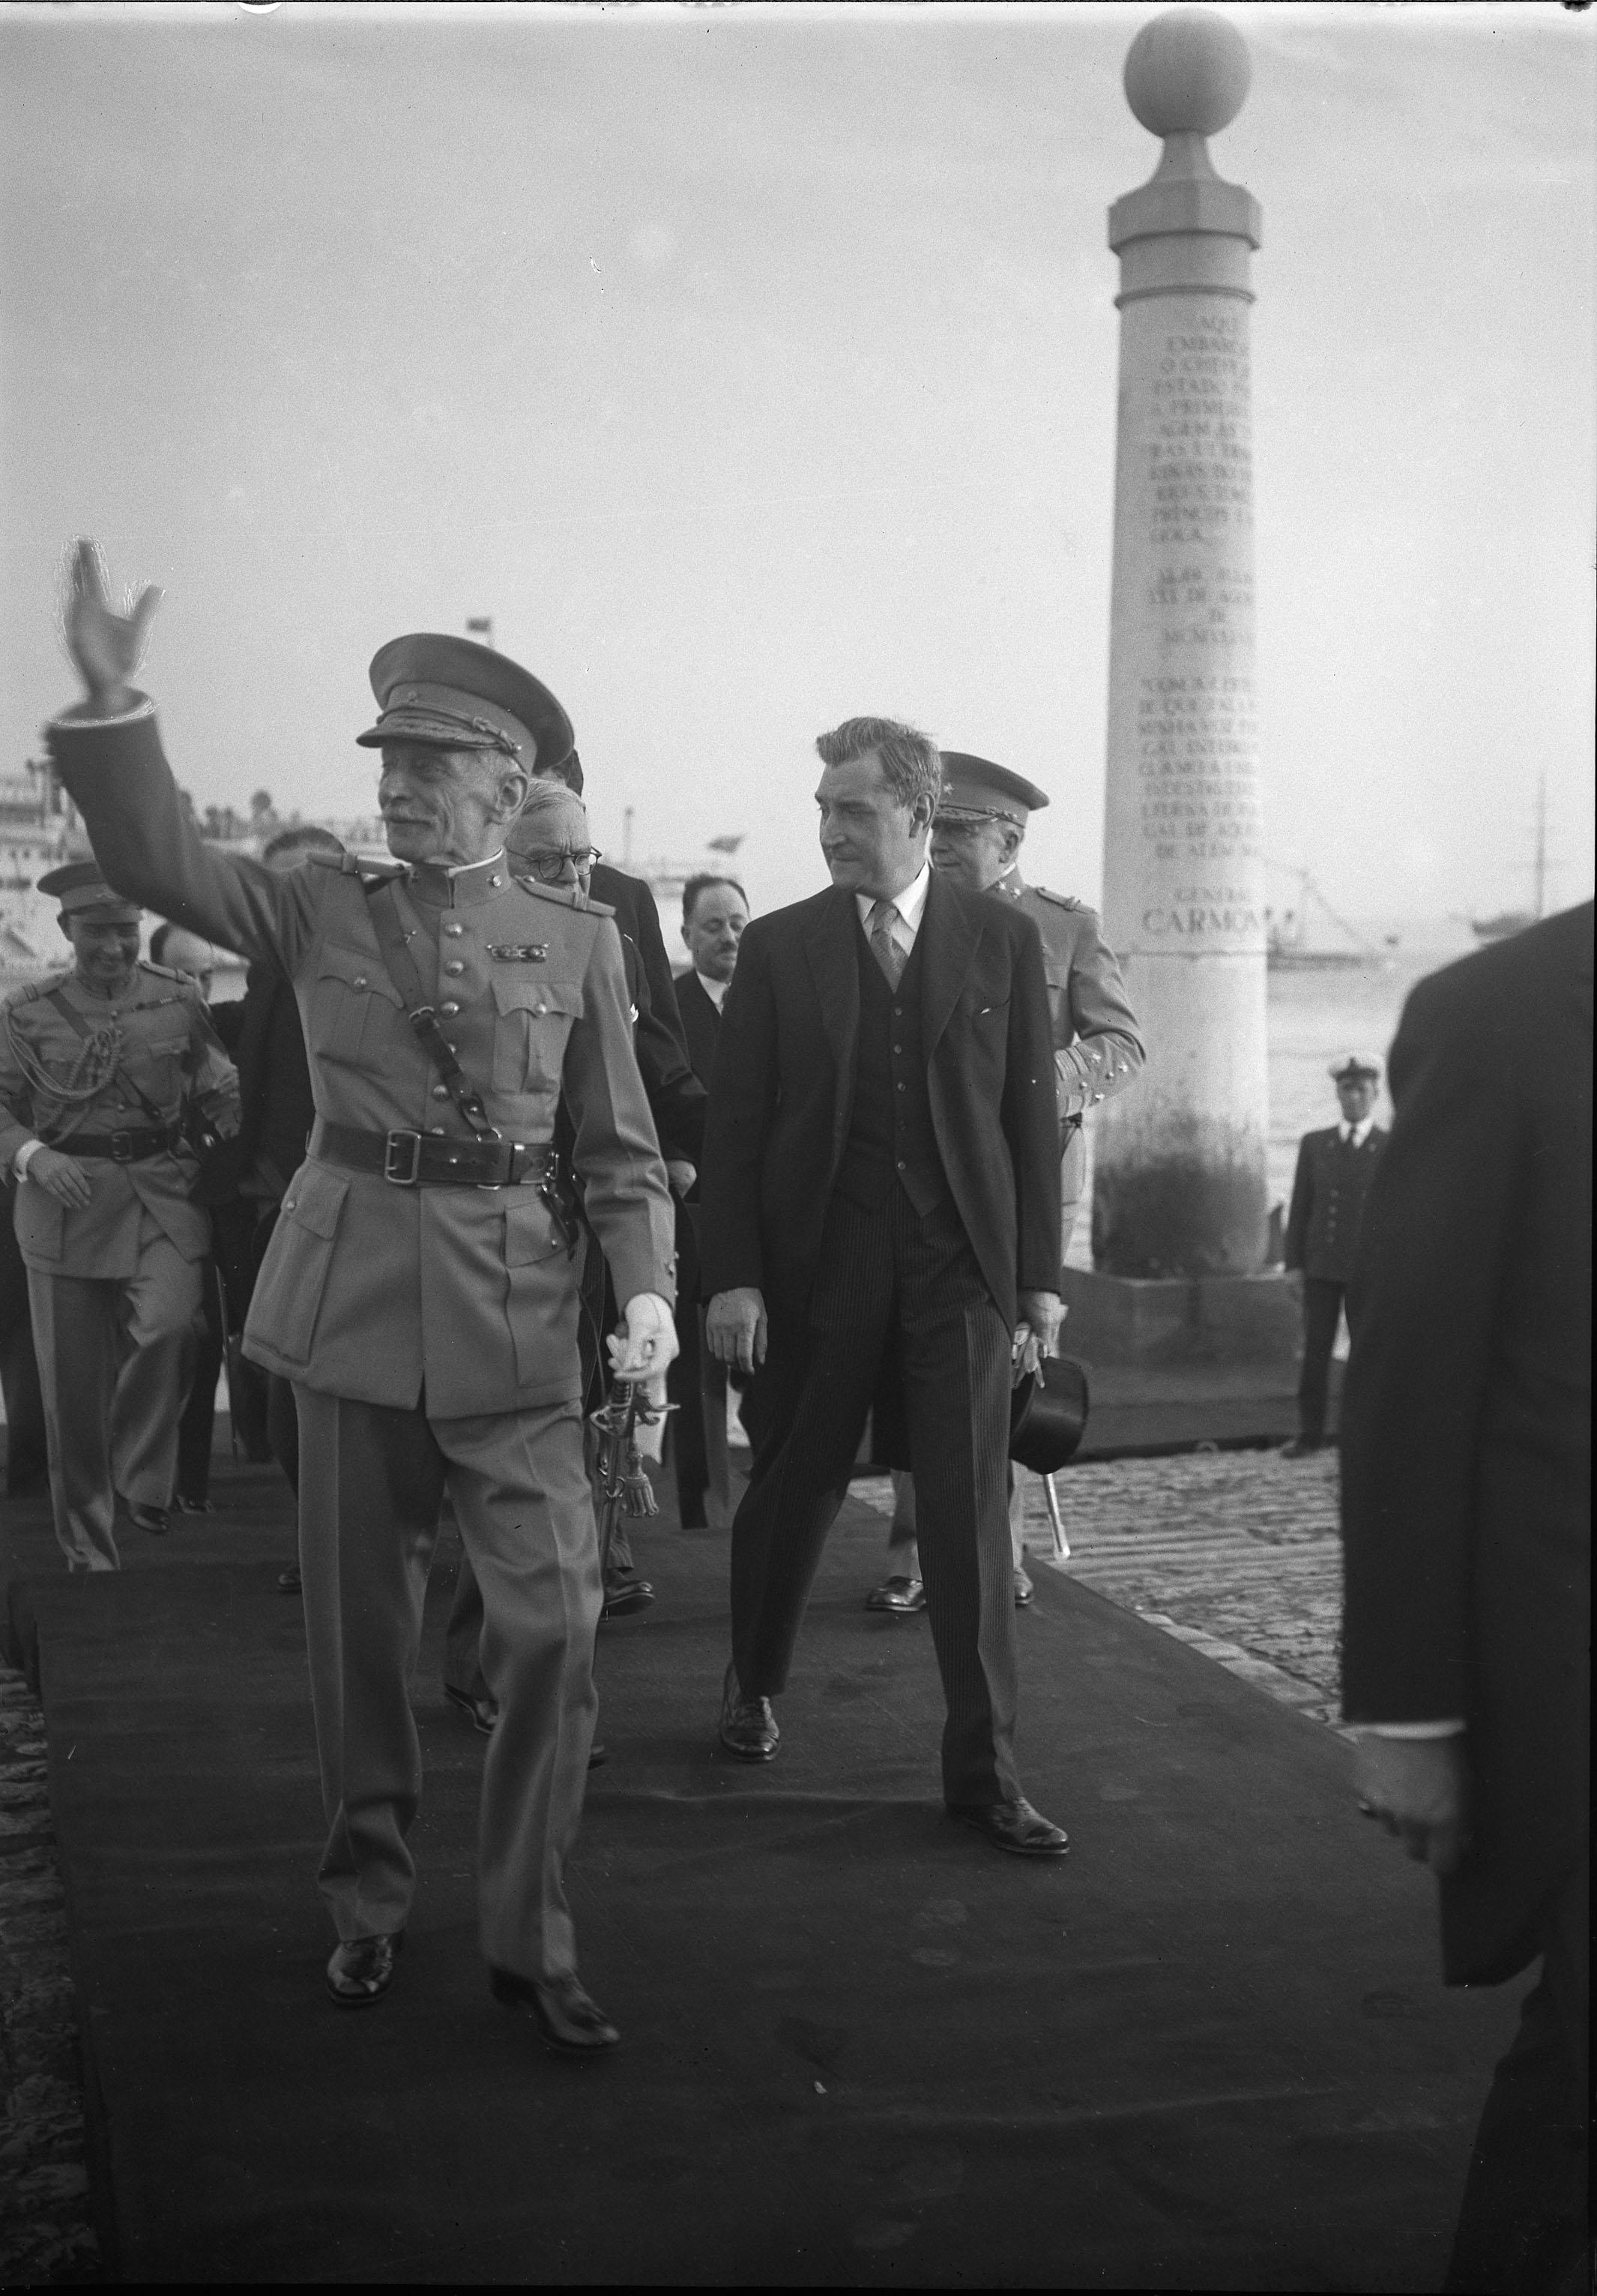 General António Óscar de Fragoso Carmona, pictured here with Salazar, was born in Lisbon in 1869, and was President of the Republic from 1926 to 1951. He died in Lisbon on April 18, 1951.  Photo: Horácio Novais, ca. 1940, Lisbon  Biblioteca de Arte da Fundação Calouste Gulbenkian [CFT164_01112]